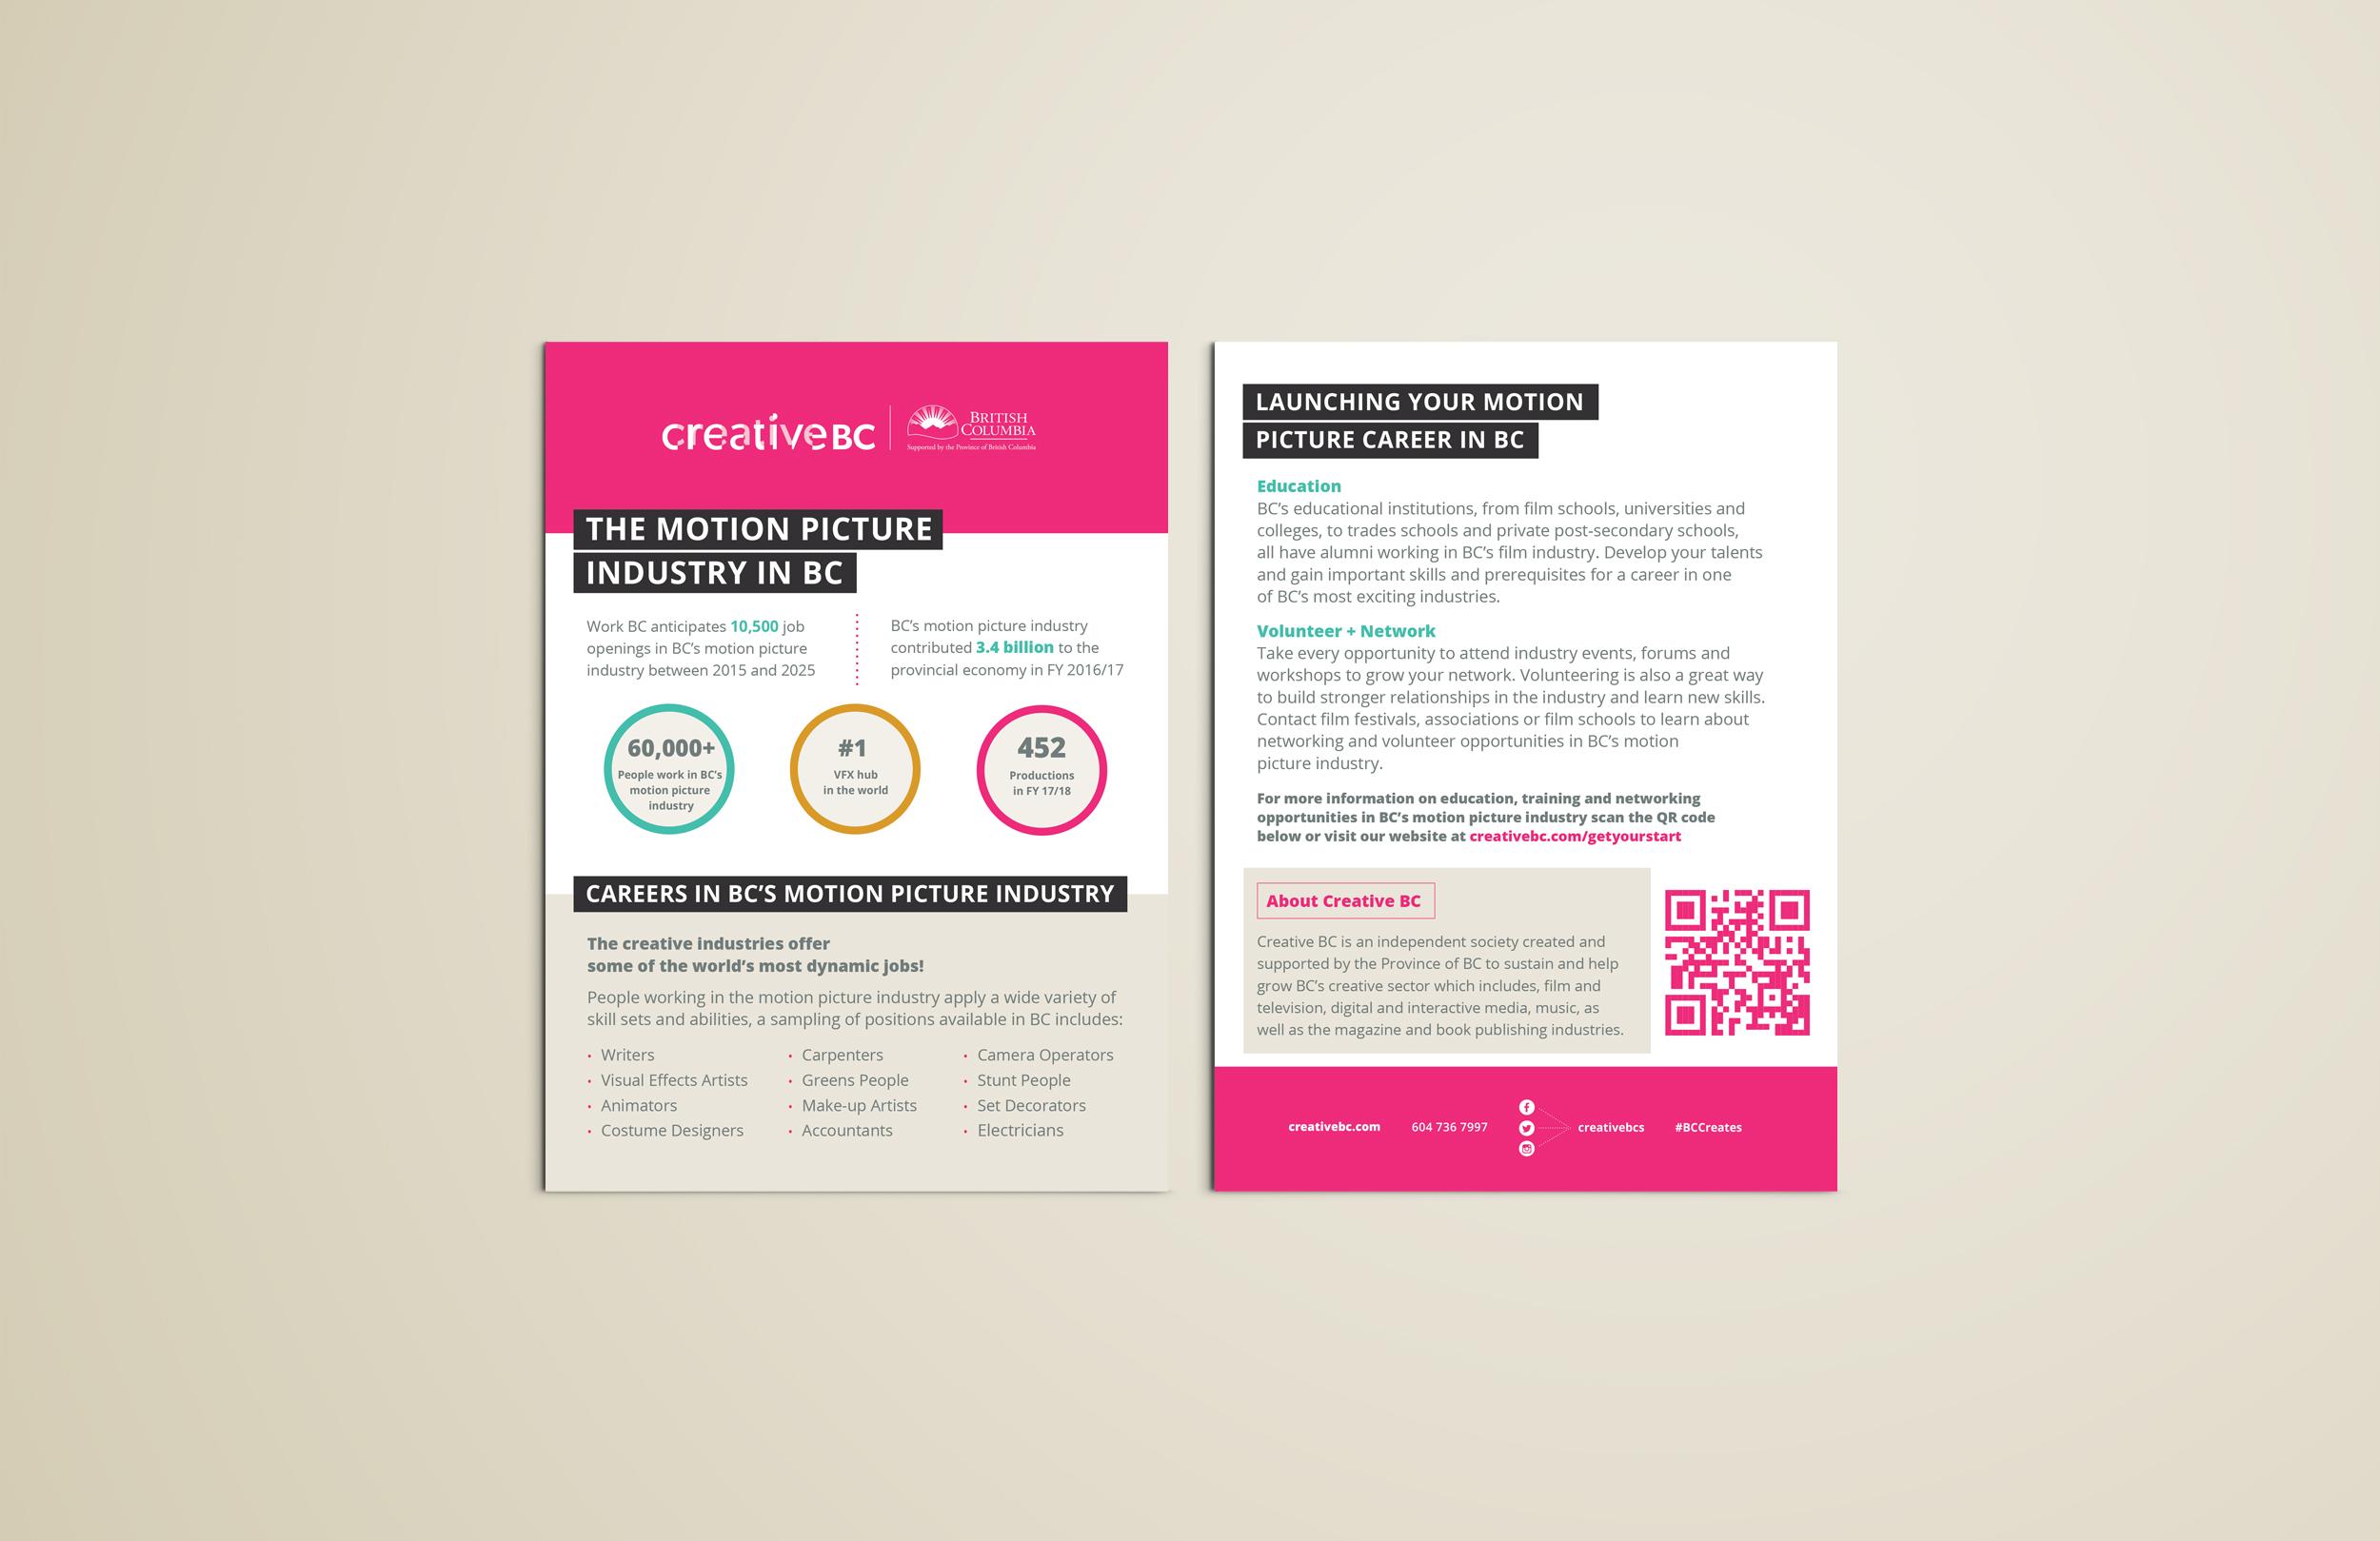 creativebc-infopostcard.jpg